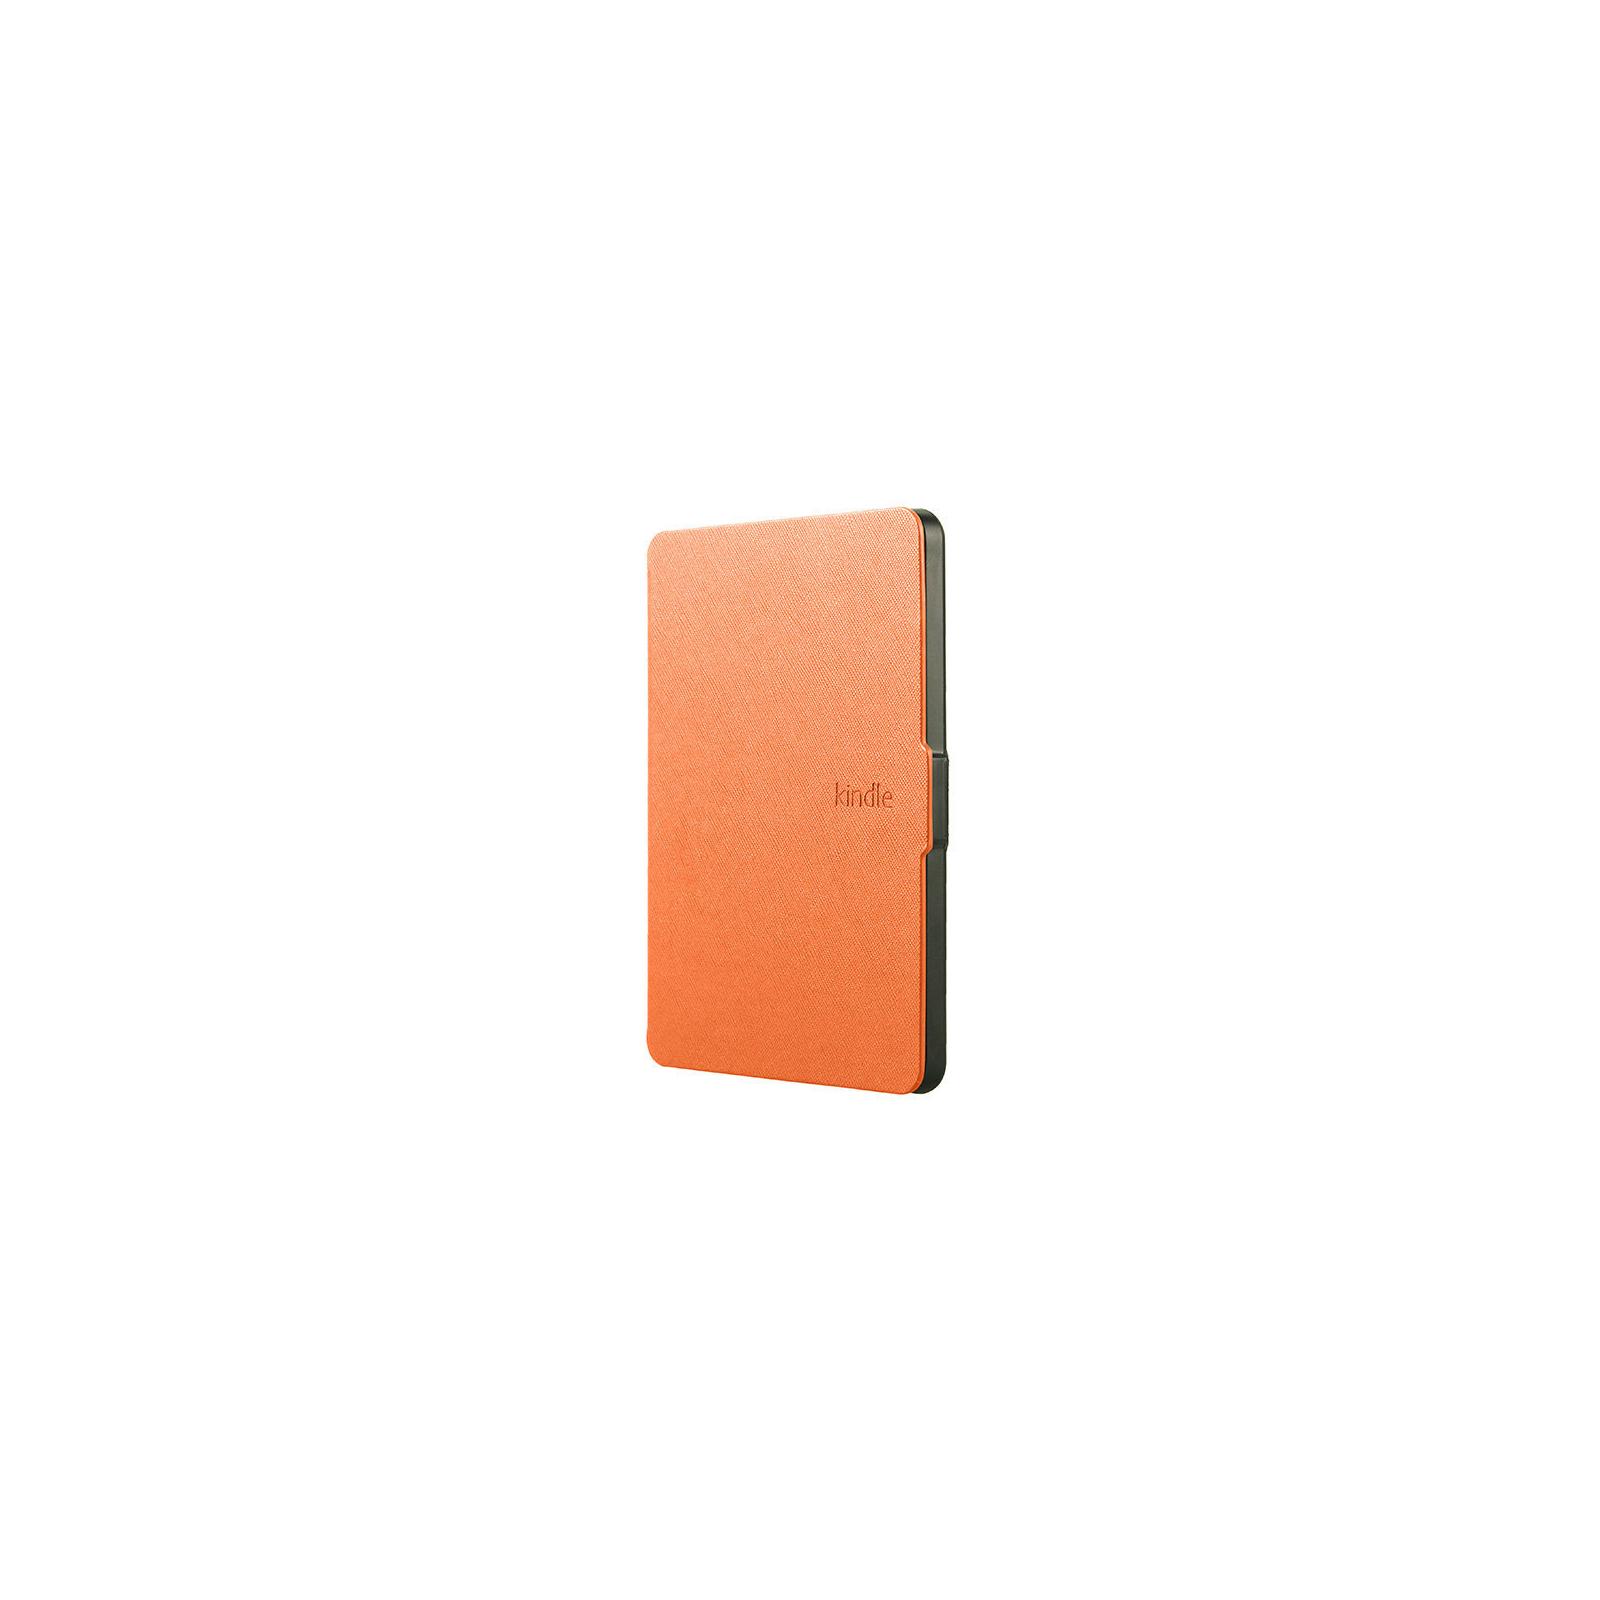 Чехол для электронной книги AirOn для Amazon Kindle 6 orange (4822356754498) изображение 3